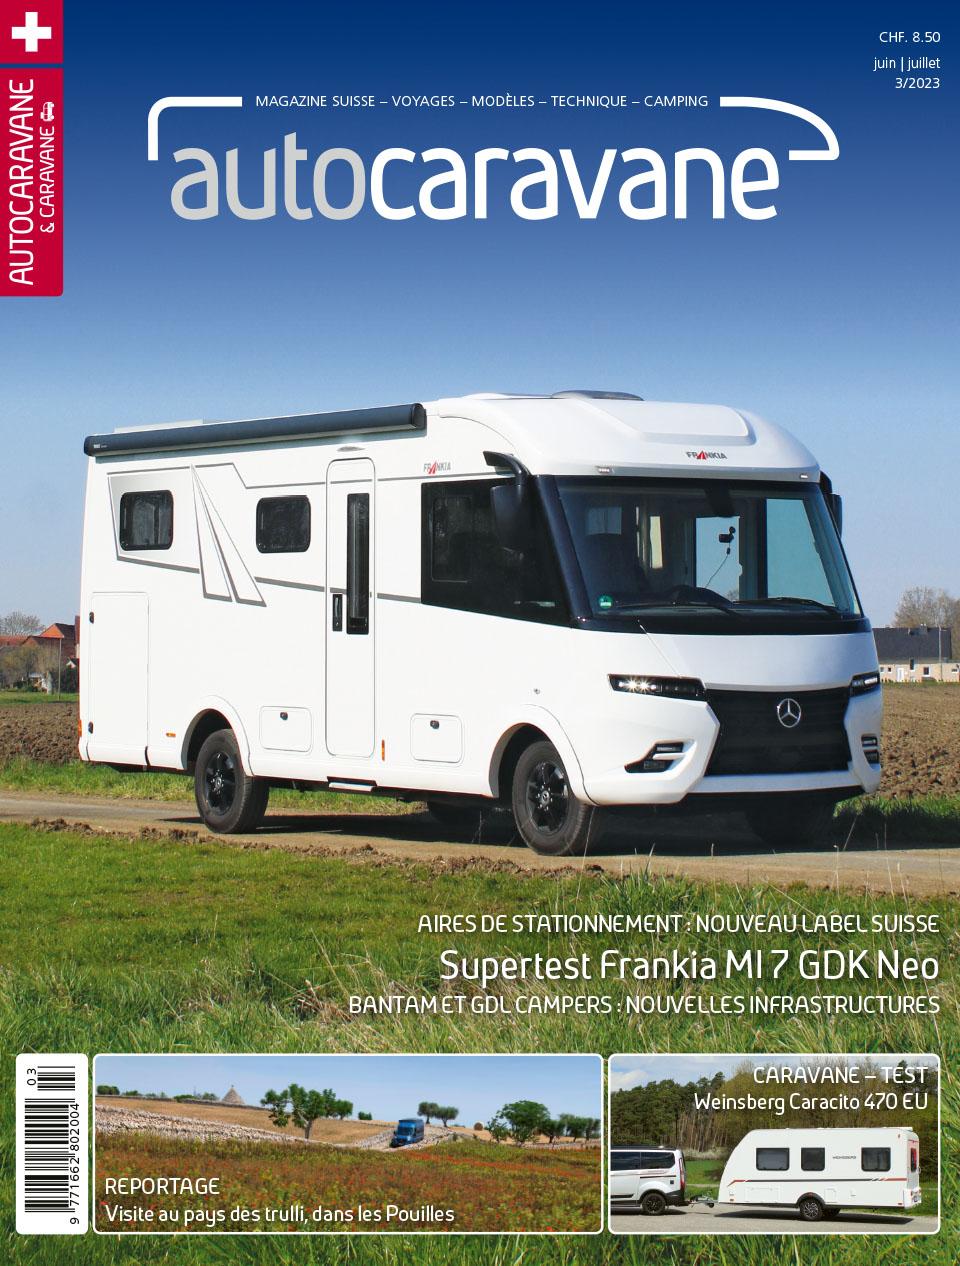 Wohnmobil & Caravan / autocaravane: Télécharger dans l'App Store